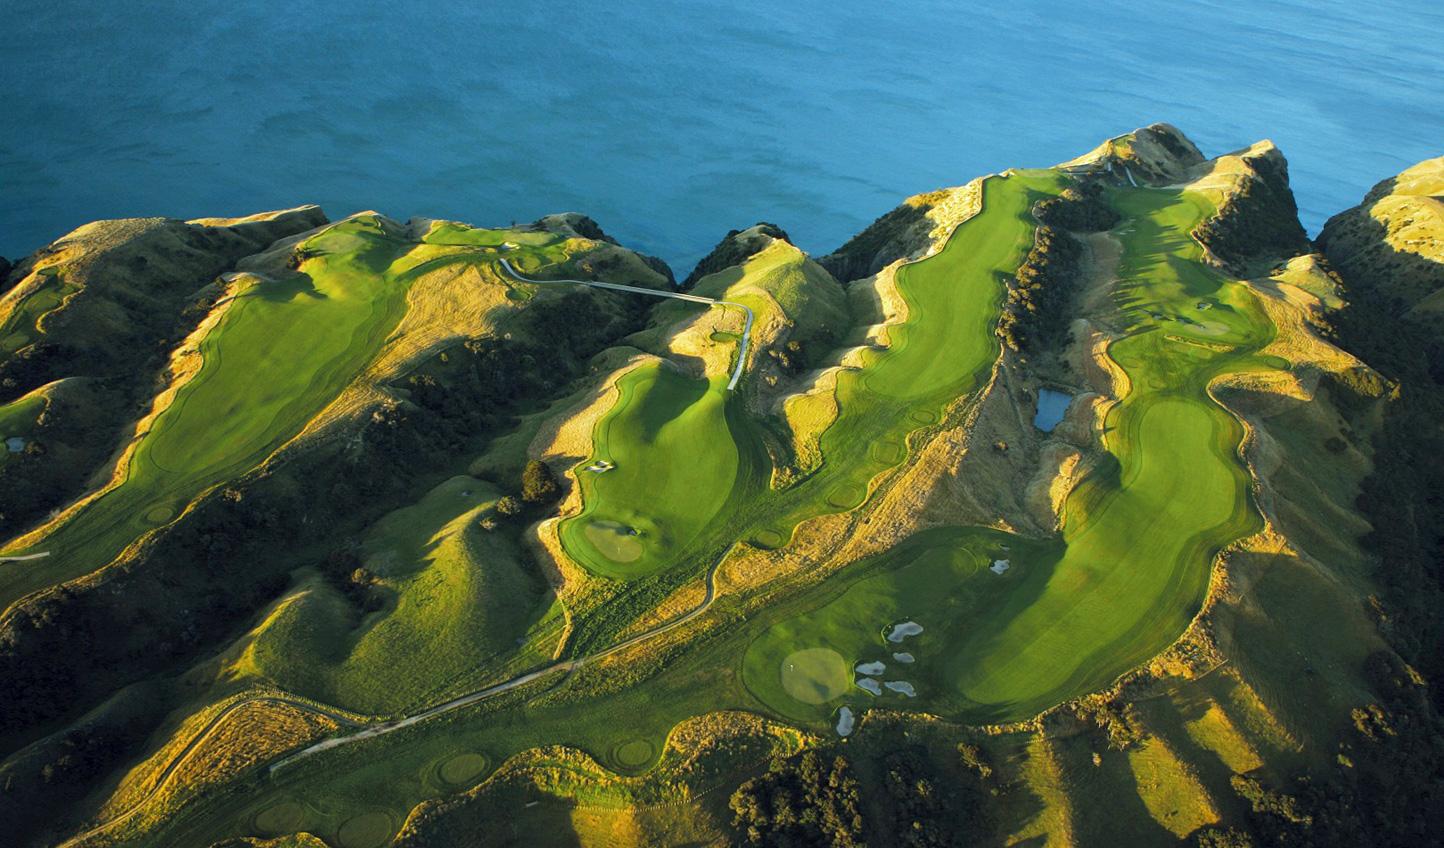 Tee off on an award-winning golf course